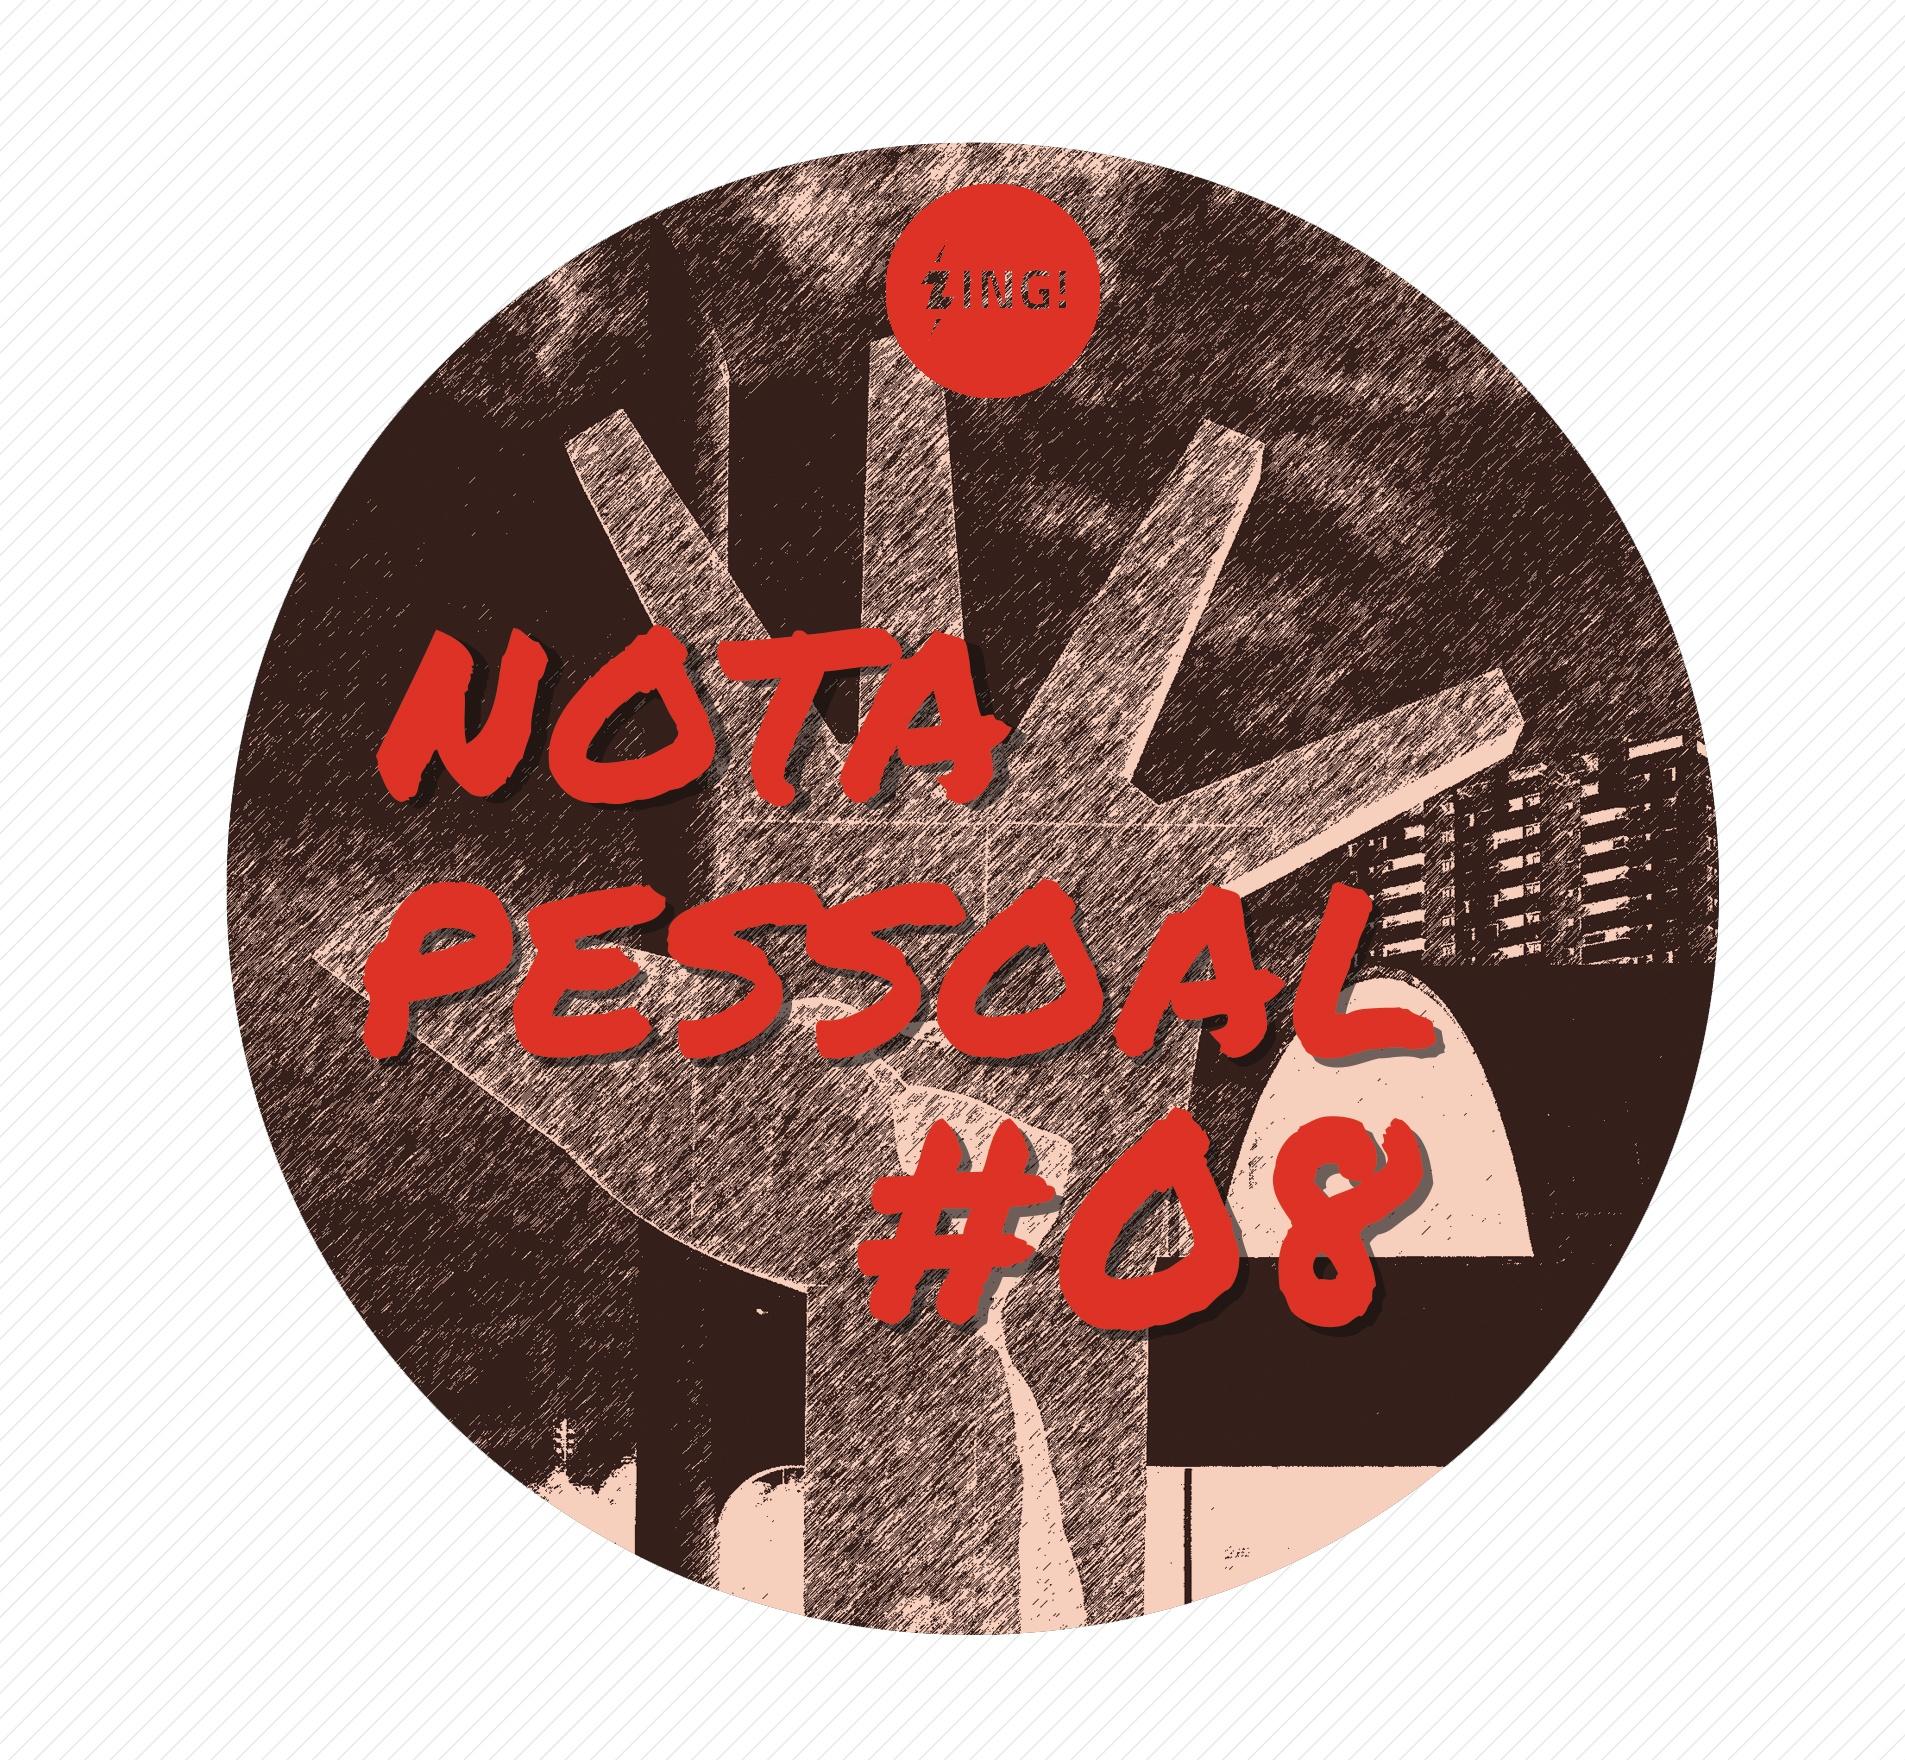 Capa - Nota Pessoal #08 - Exposições Interativas - Parte 3